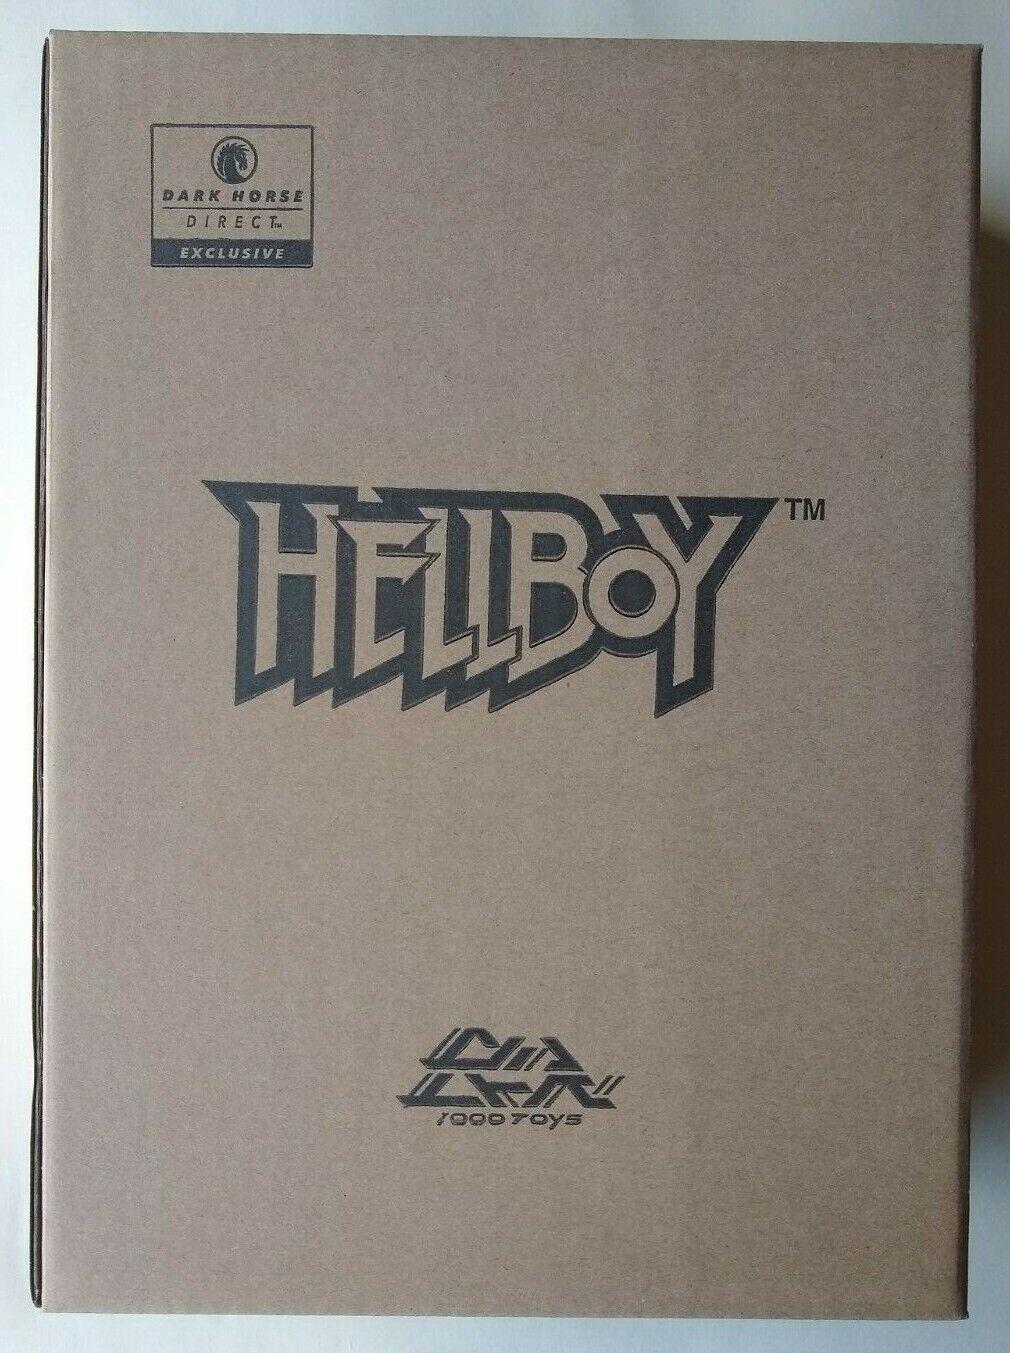 1000 Juguetes Hellboy oscuro HORSE versión exclusiva figura de acción Sellados DIRECT